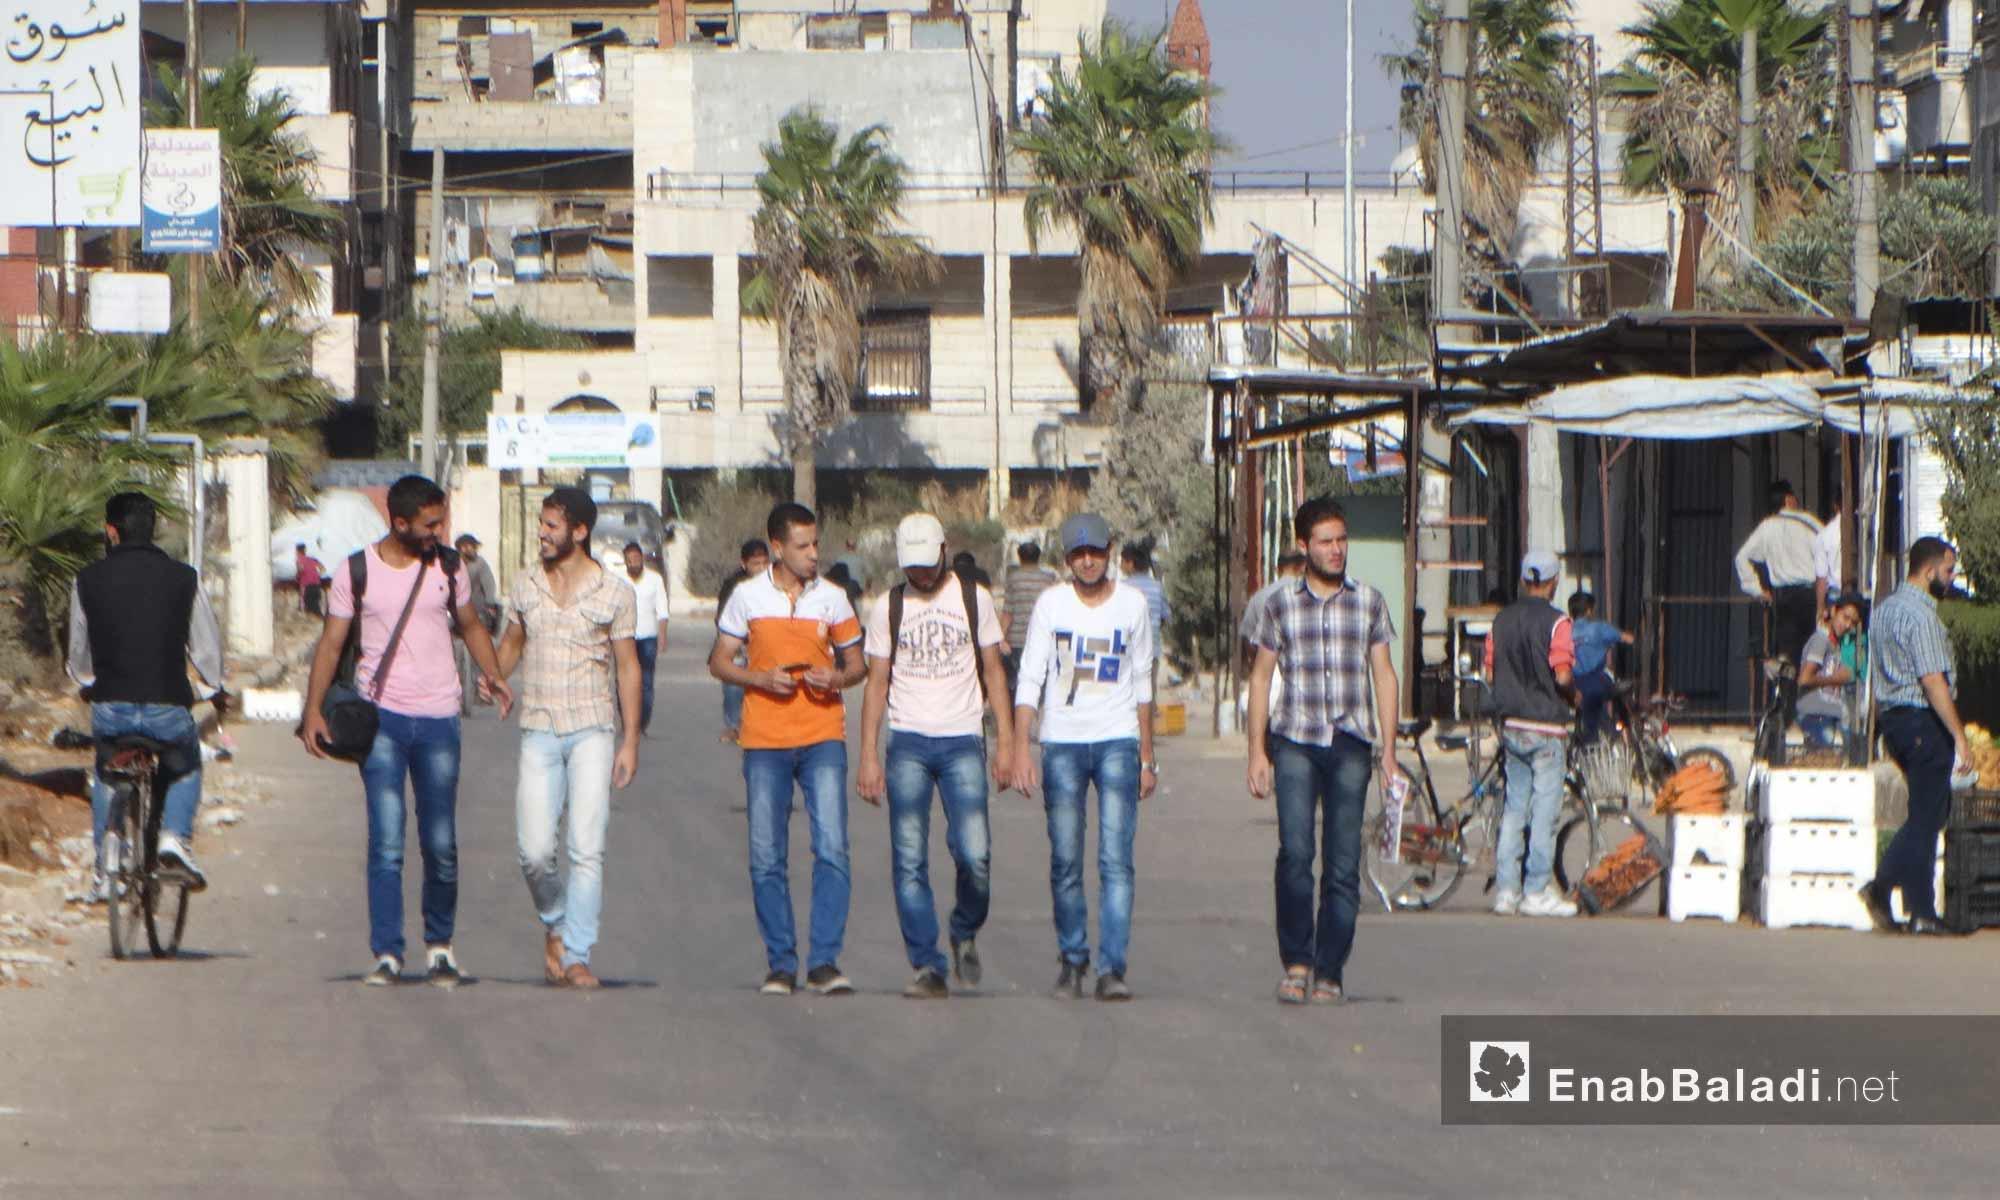 شبان في حي الوعر بحمص - 11 تشرين الأول 2016 (عنب بلدي)